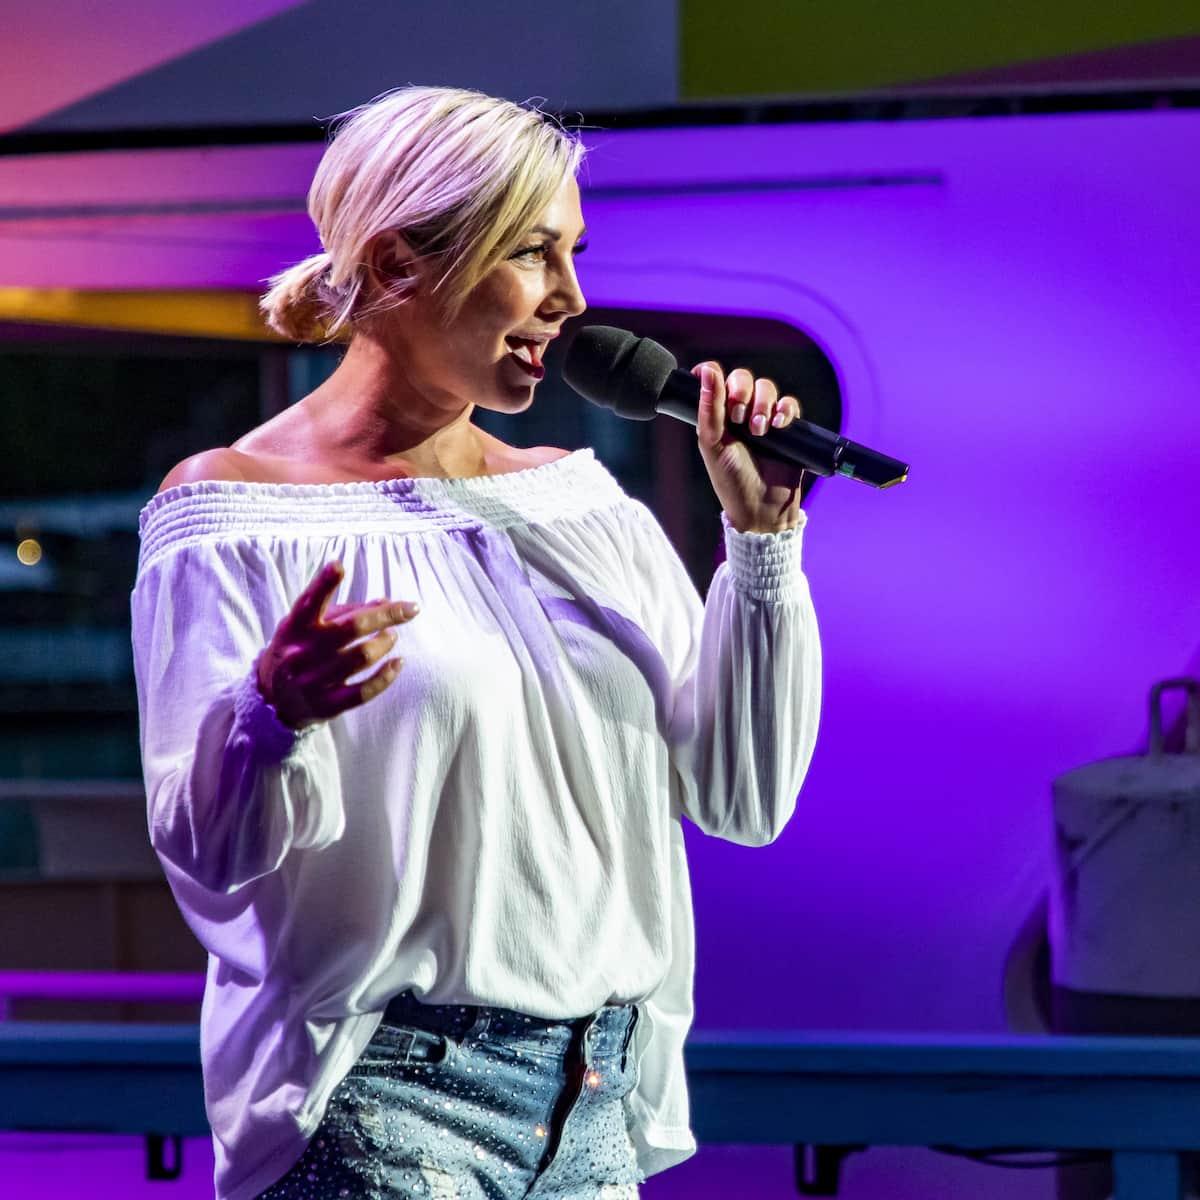 Tanja Lasch zu Gast bei Stars am Wörthersee am 24.7.2021